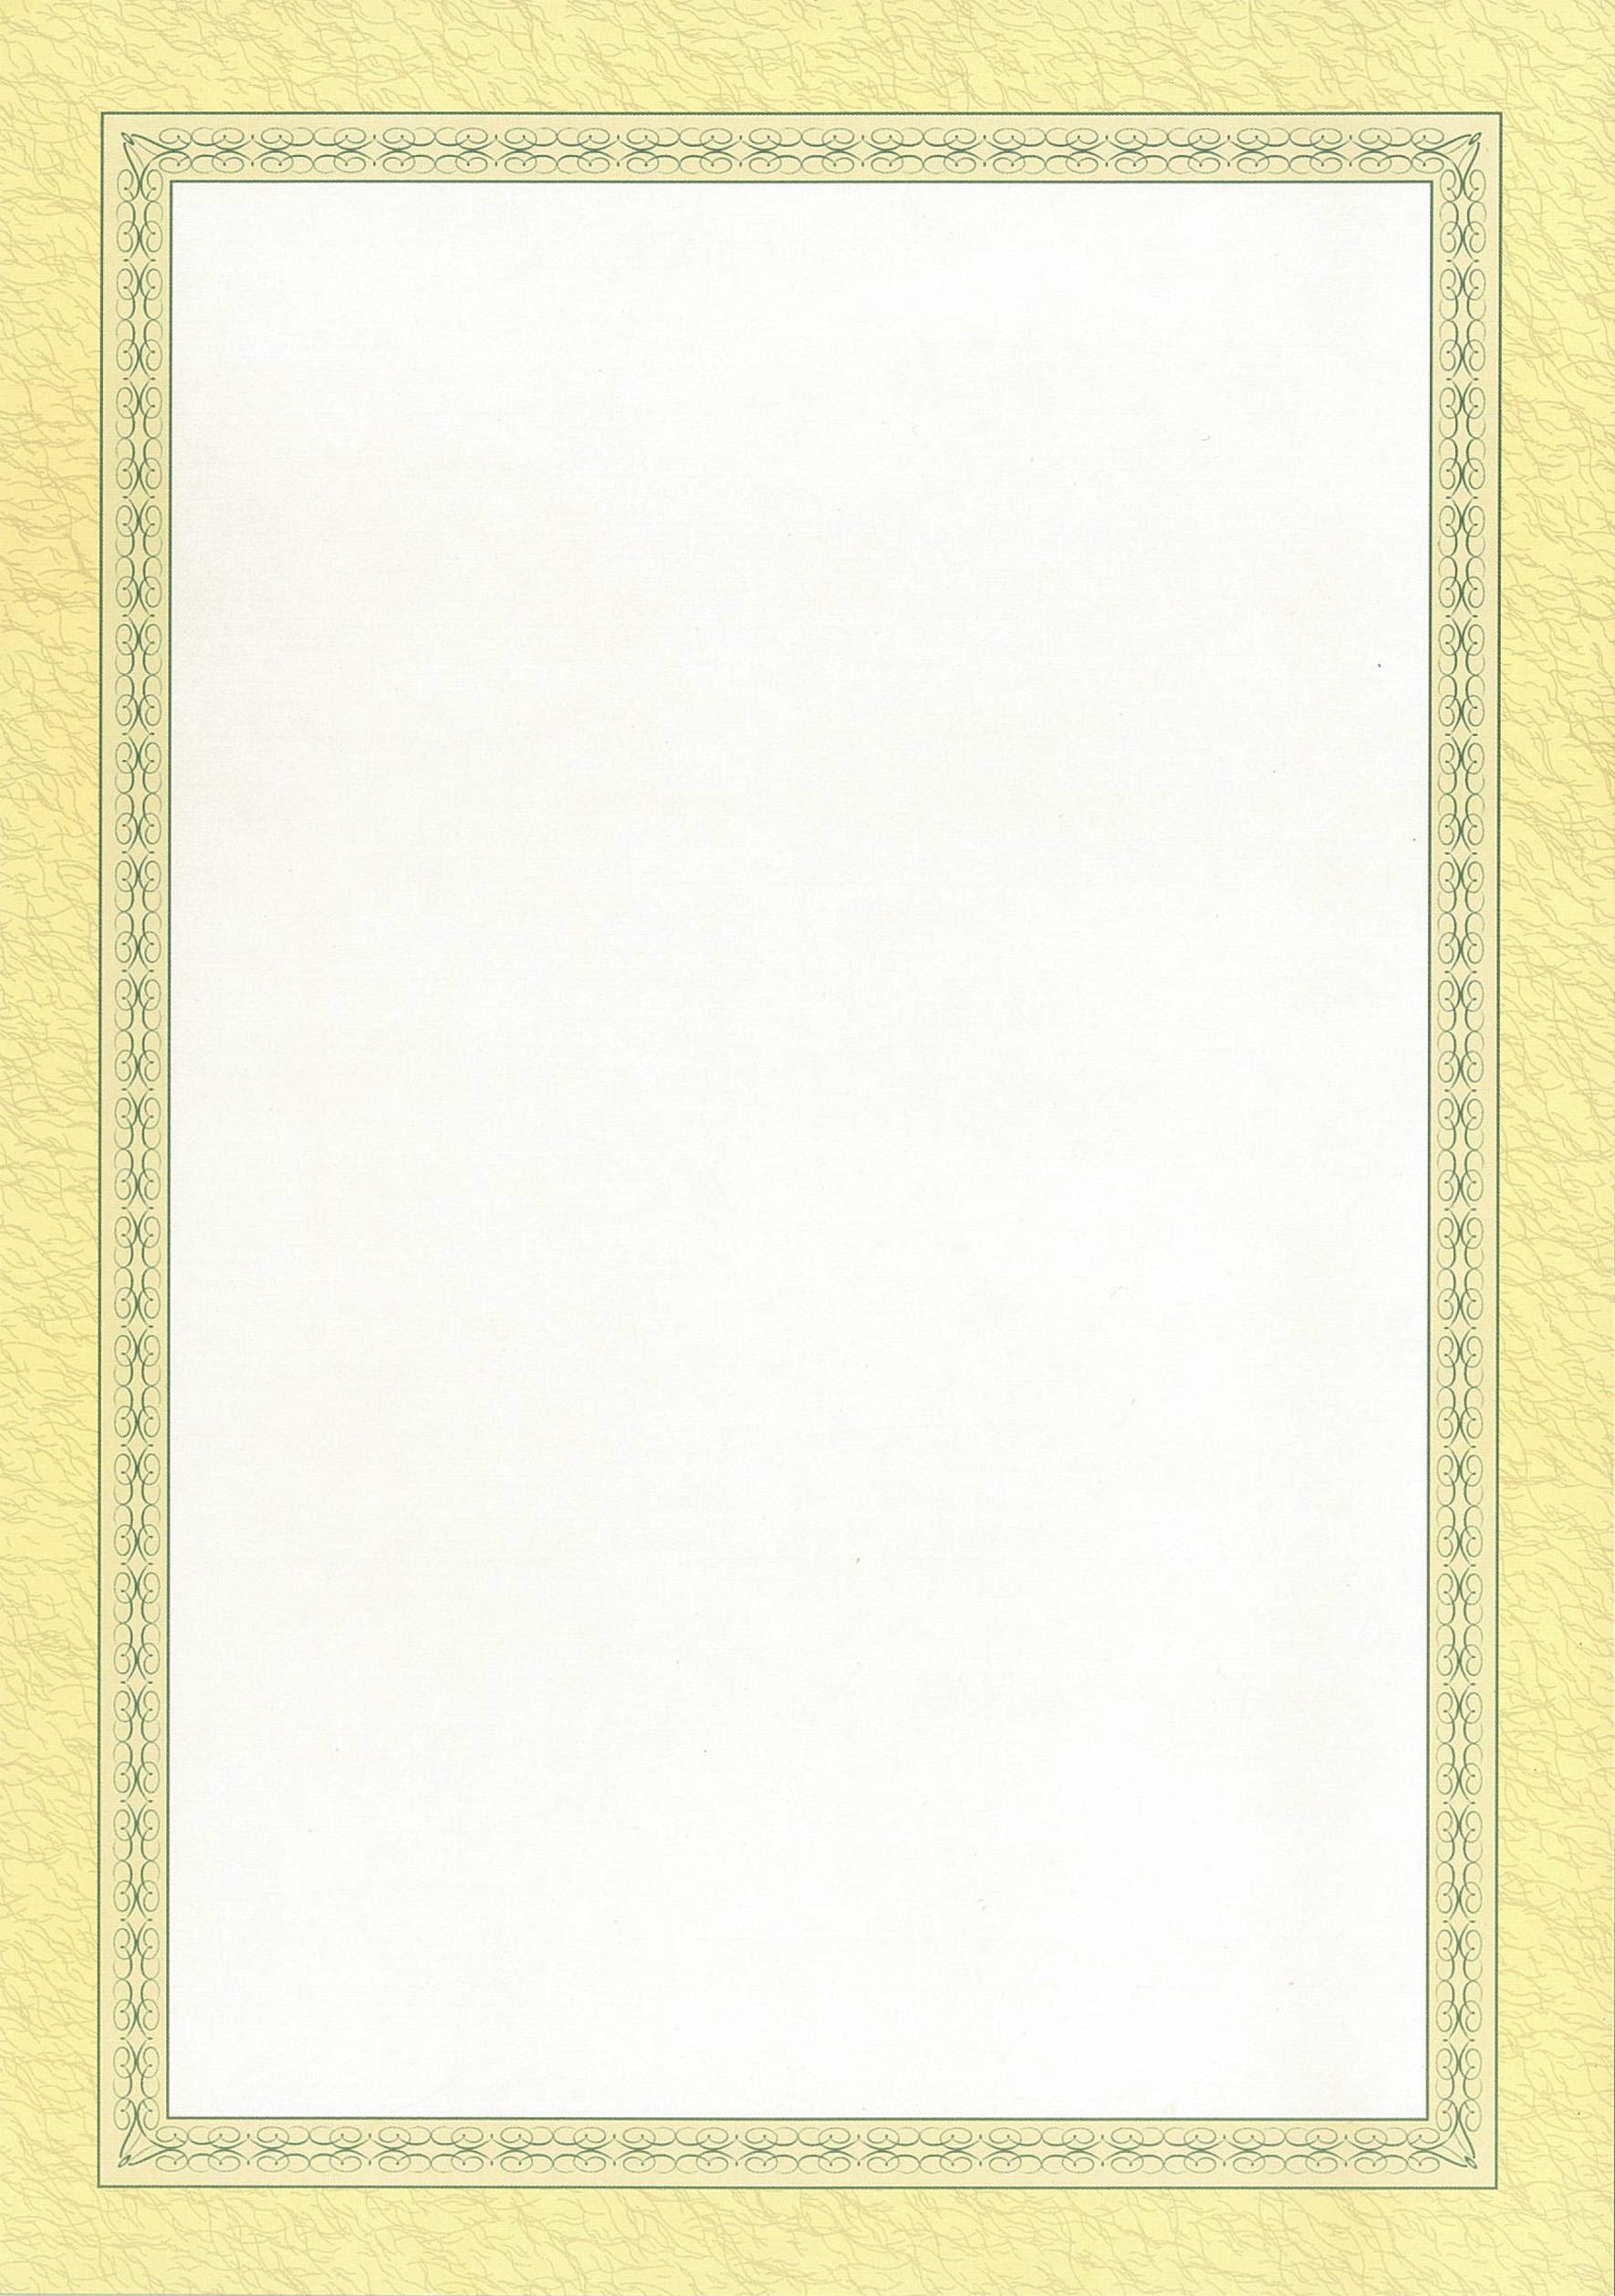 Готовые бланки грамот бланки дипломов бланки сертификатов  ГР3870 30руб